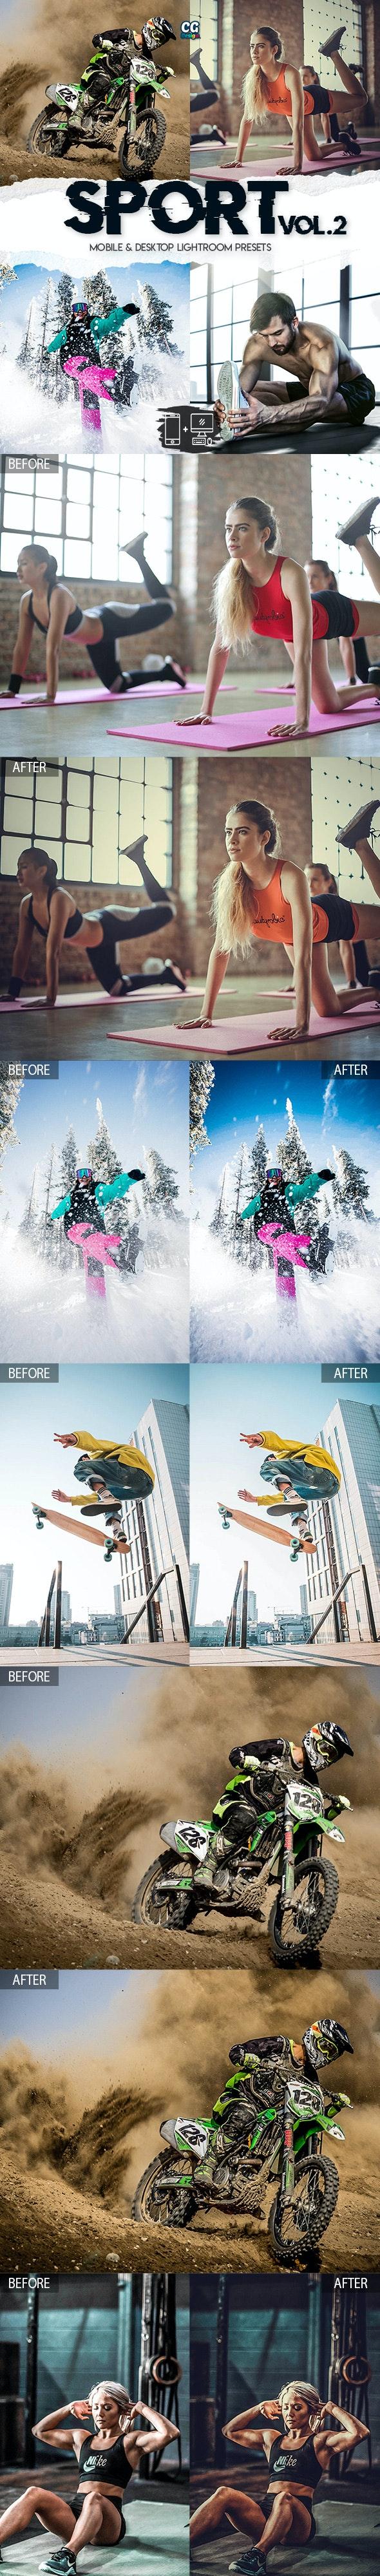 Sport Lightroom Presets Vol. 2 - 15 Premium Lightroom Presets - Lightroom Presets Add-ons